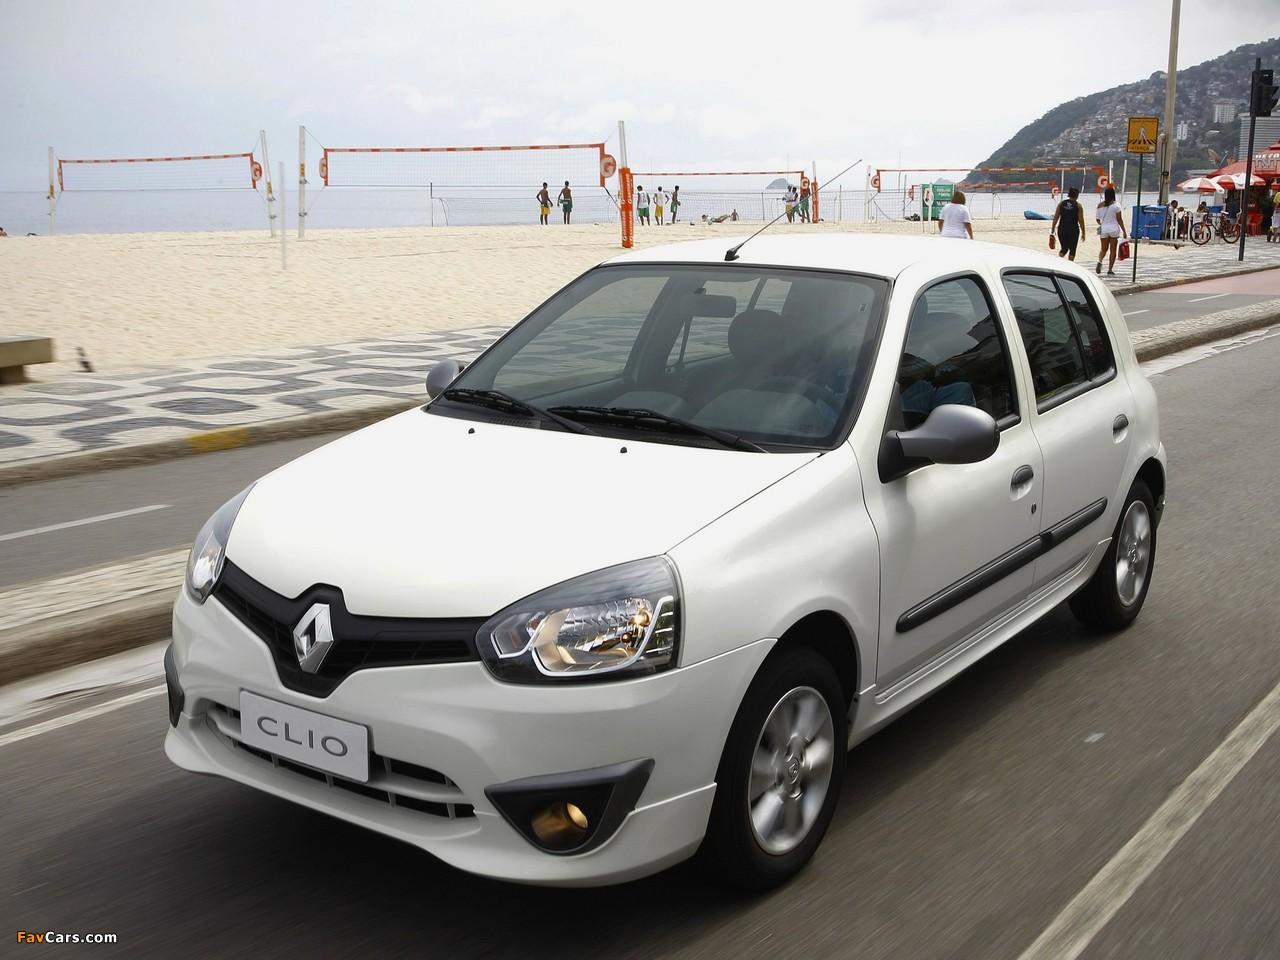 Renault Clio Mercosur 5-door 2012 wallpapers (1280 x 960)